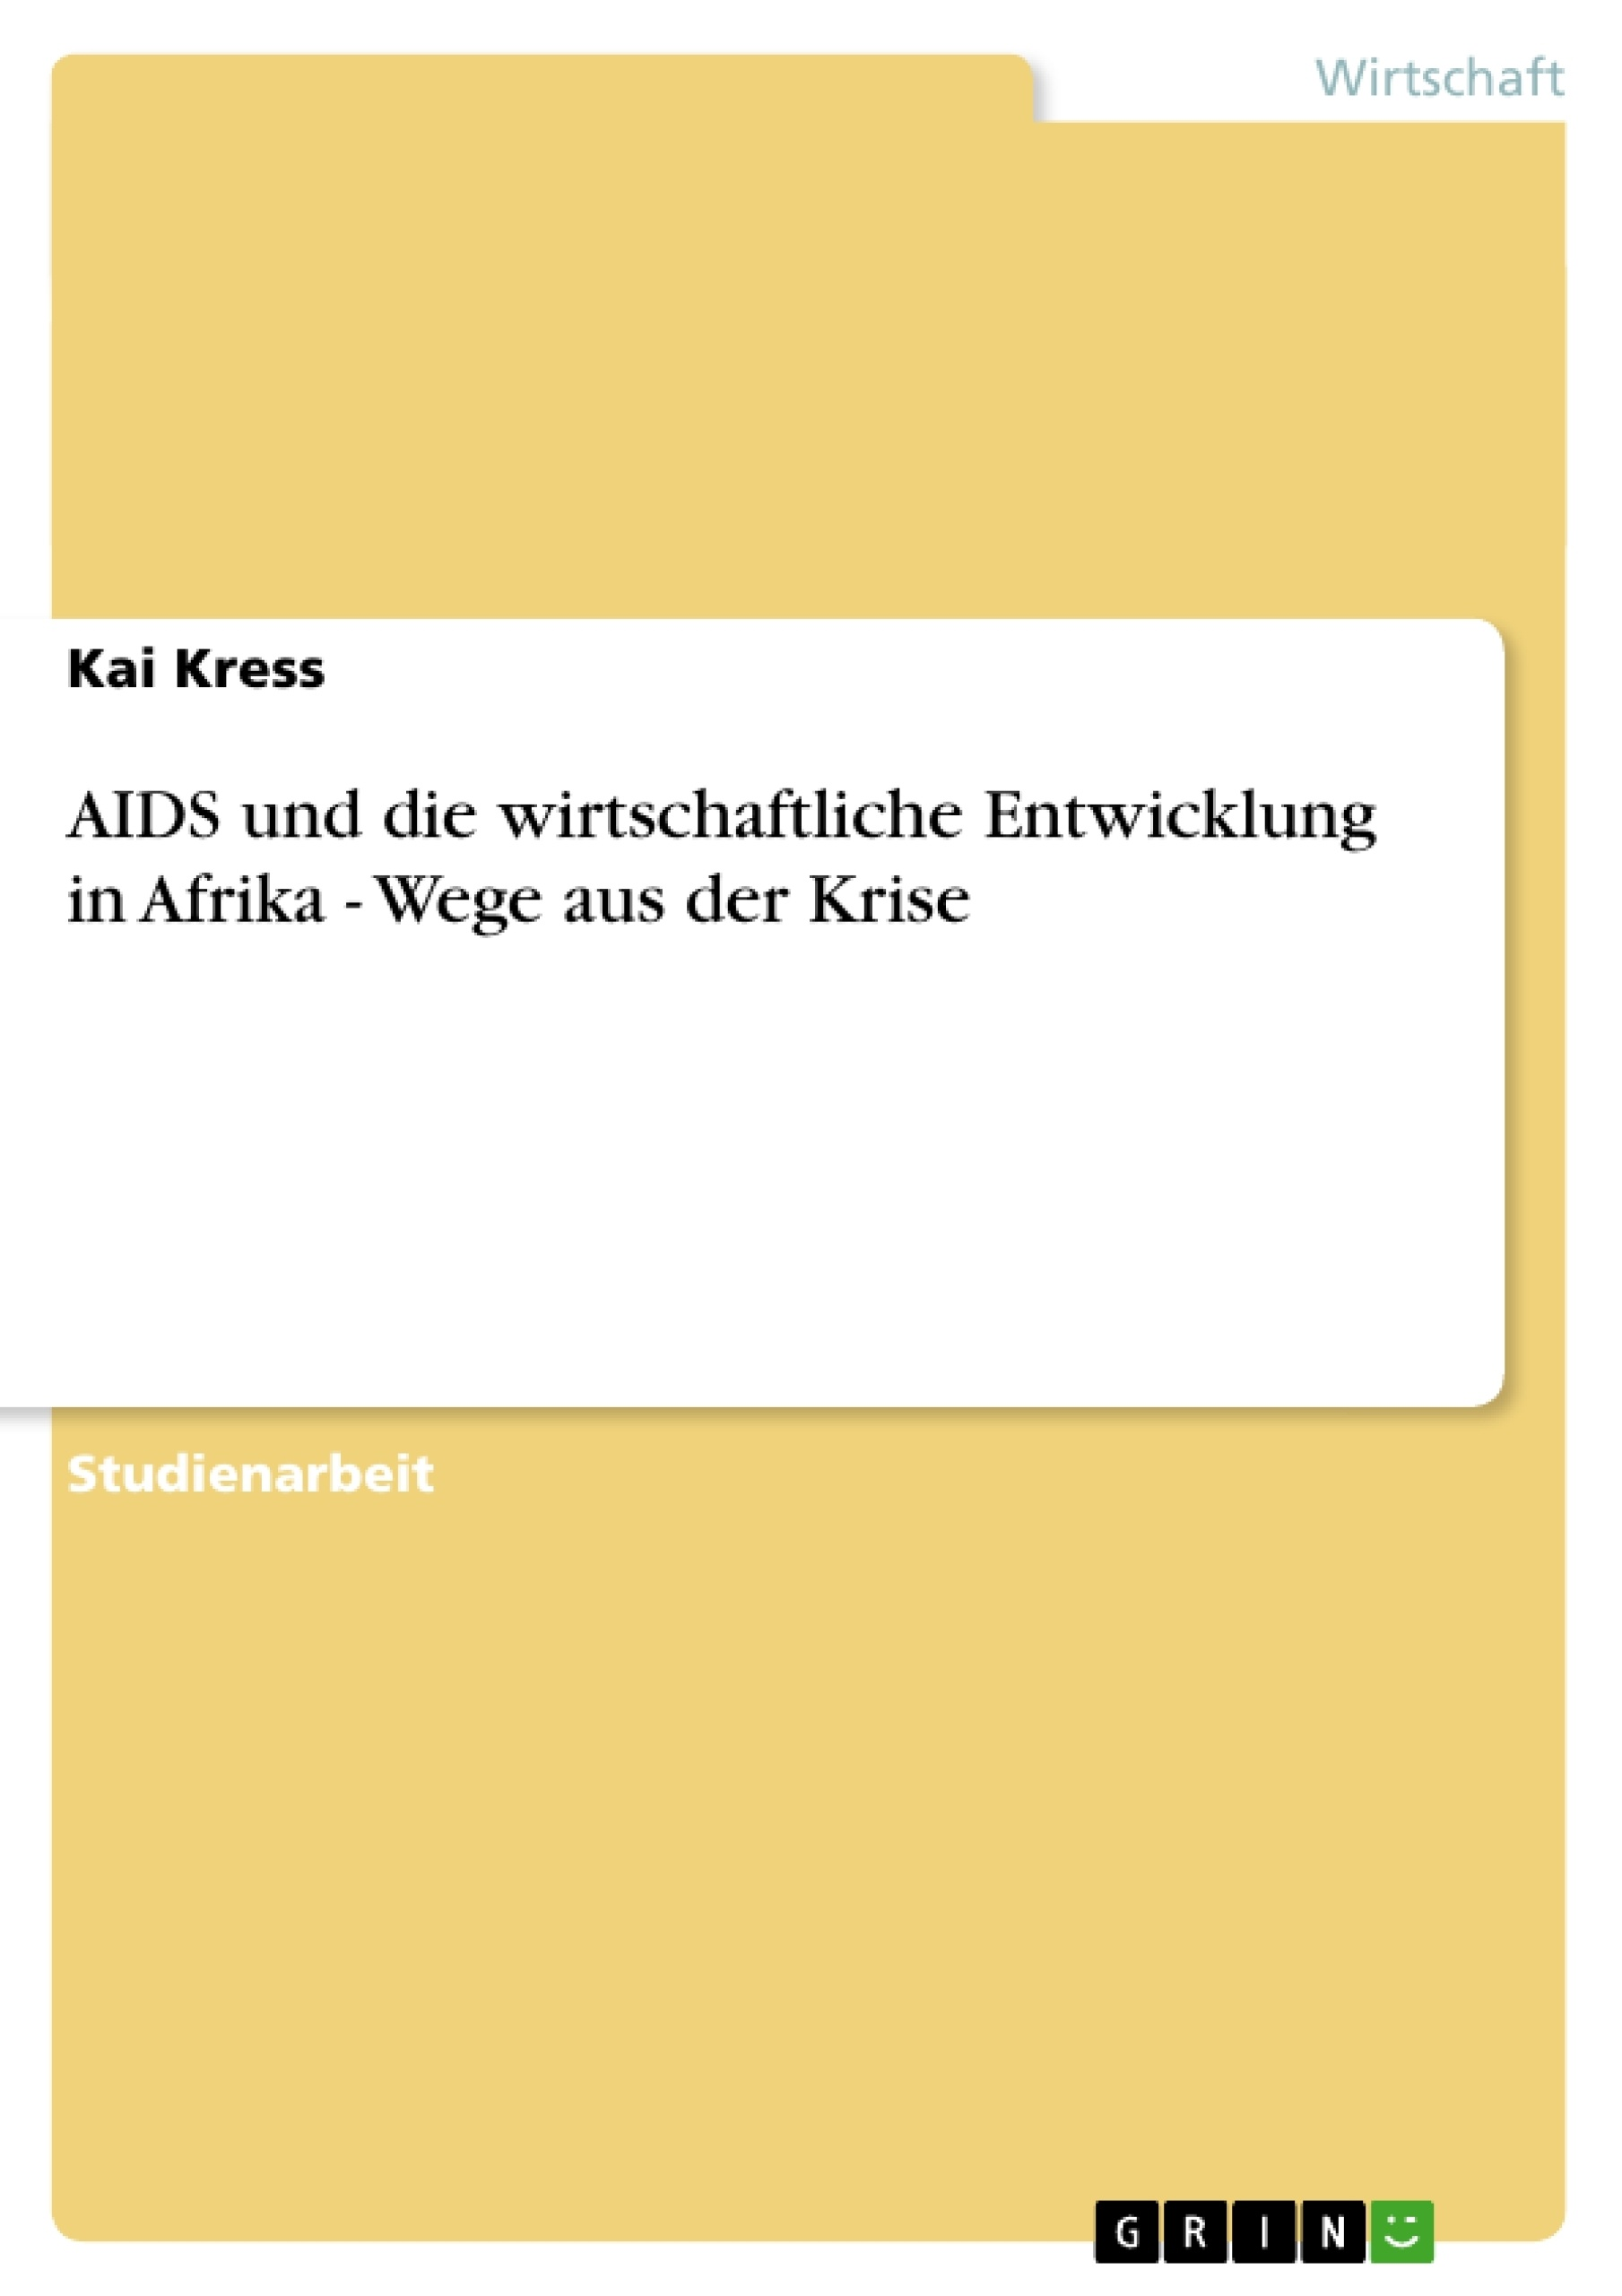 Titel: AIDS und die wirtschaftliche Entwicklung in Afrika - Wege aus der Krise